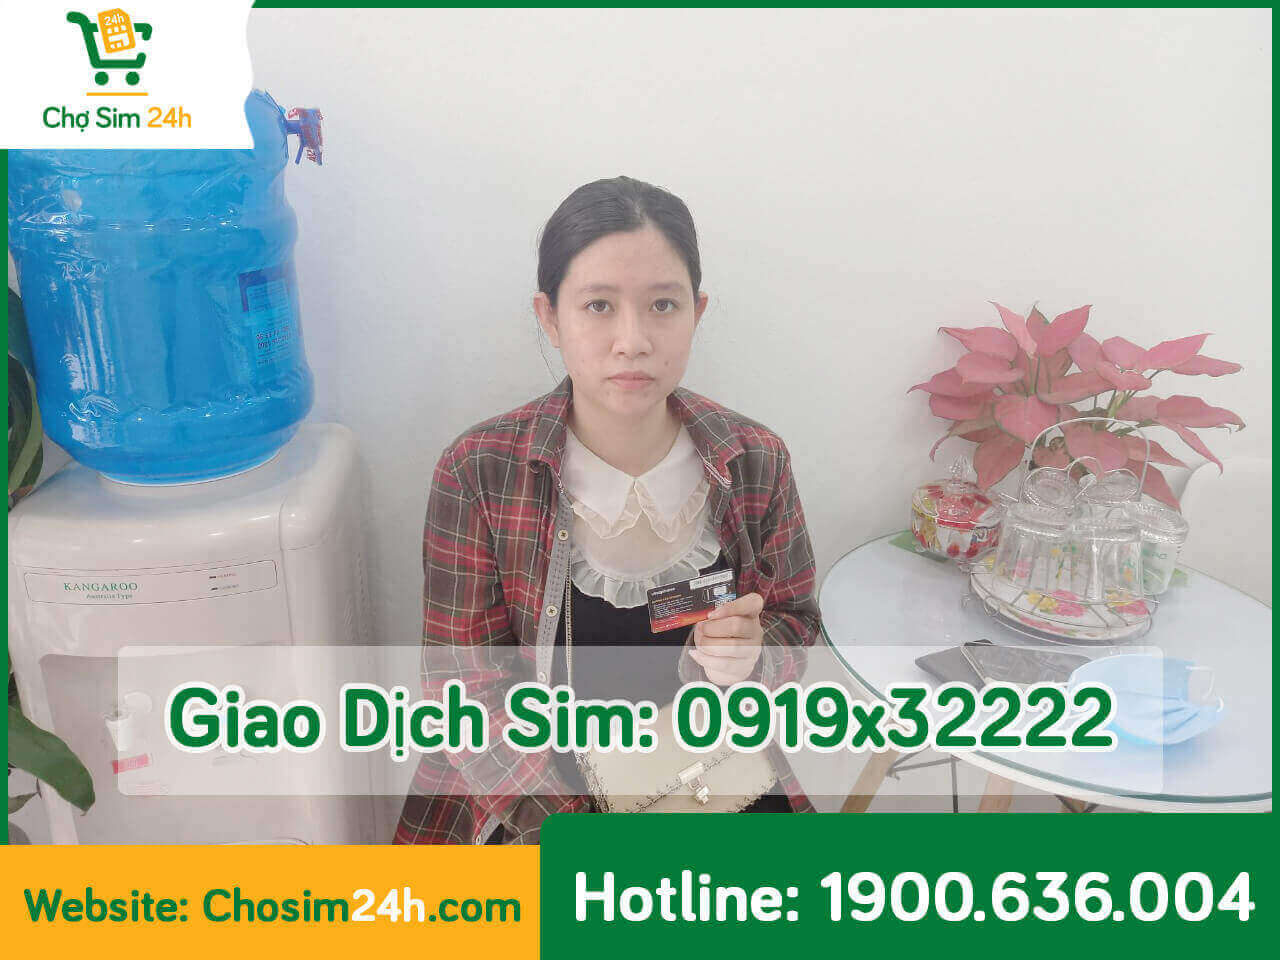 Bùng Nổ Tháng 8 Cùng Giao Dịch Hot 0919x32222 Vinaphone